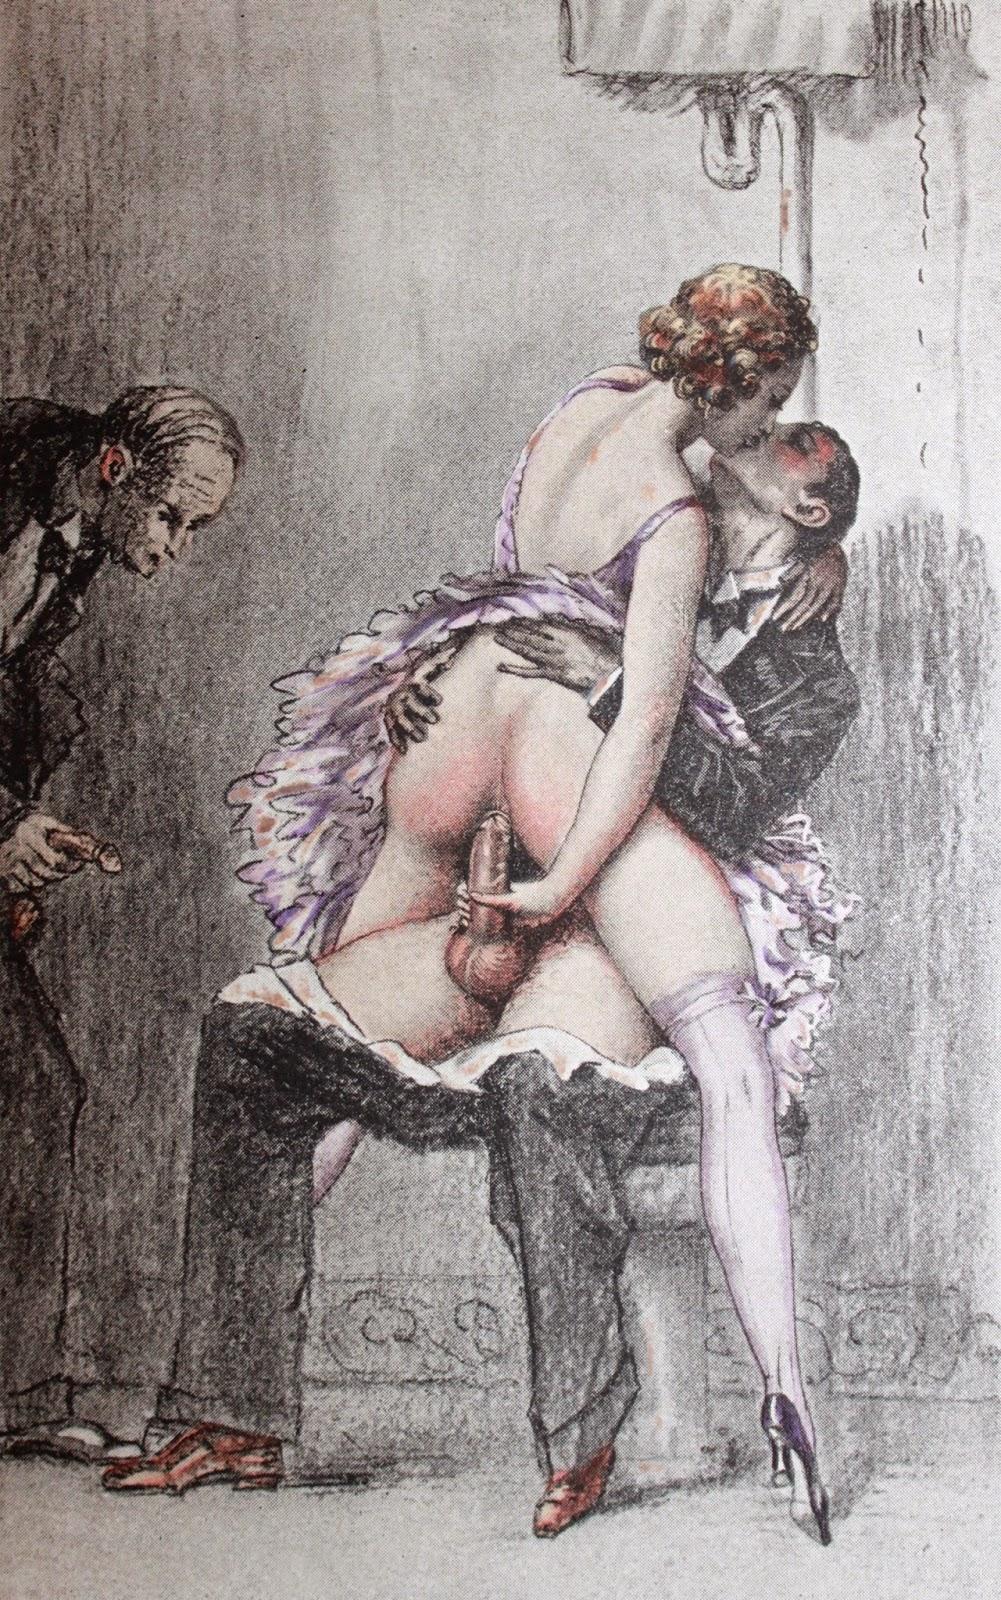 NU EROTIQUE, photo de charme, erotisme, fetichisme, nu